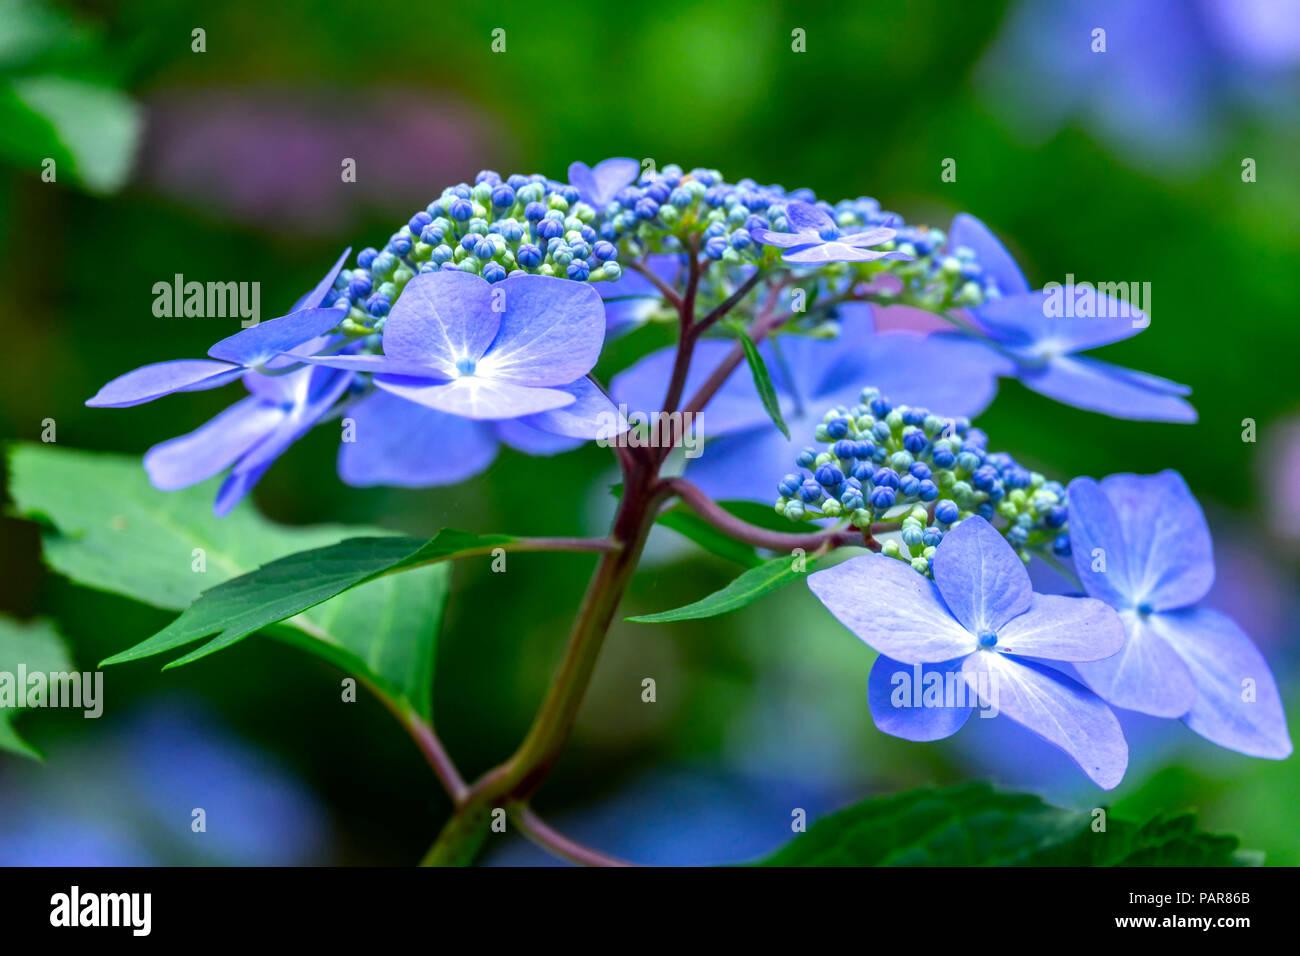 Blue mountain hydrangea (Hydrangea serrata), blossom, Germany Stock Photo